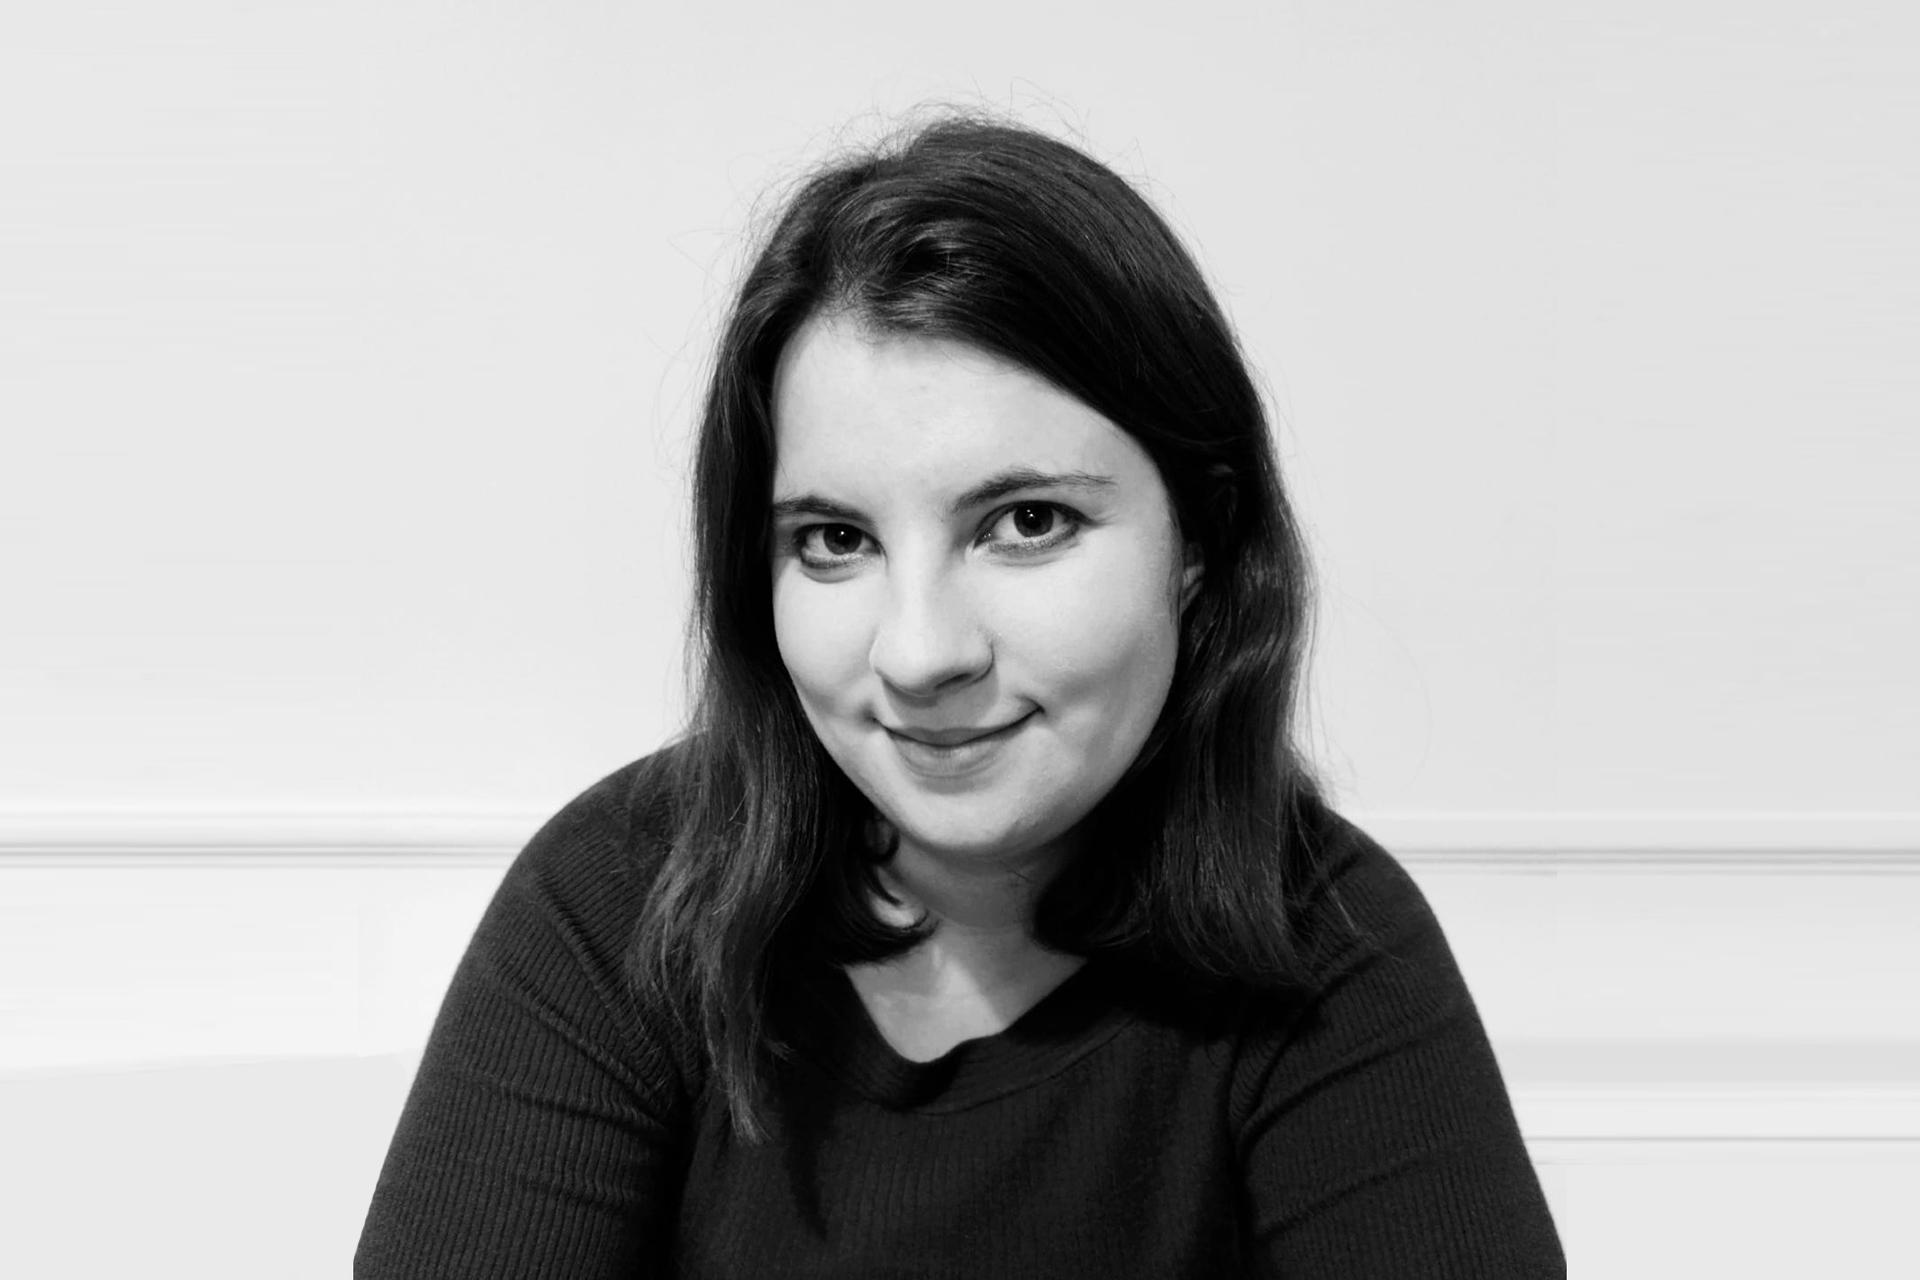 English Alumni, Rachel Scales